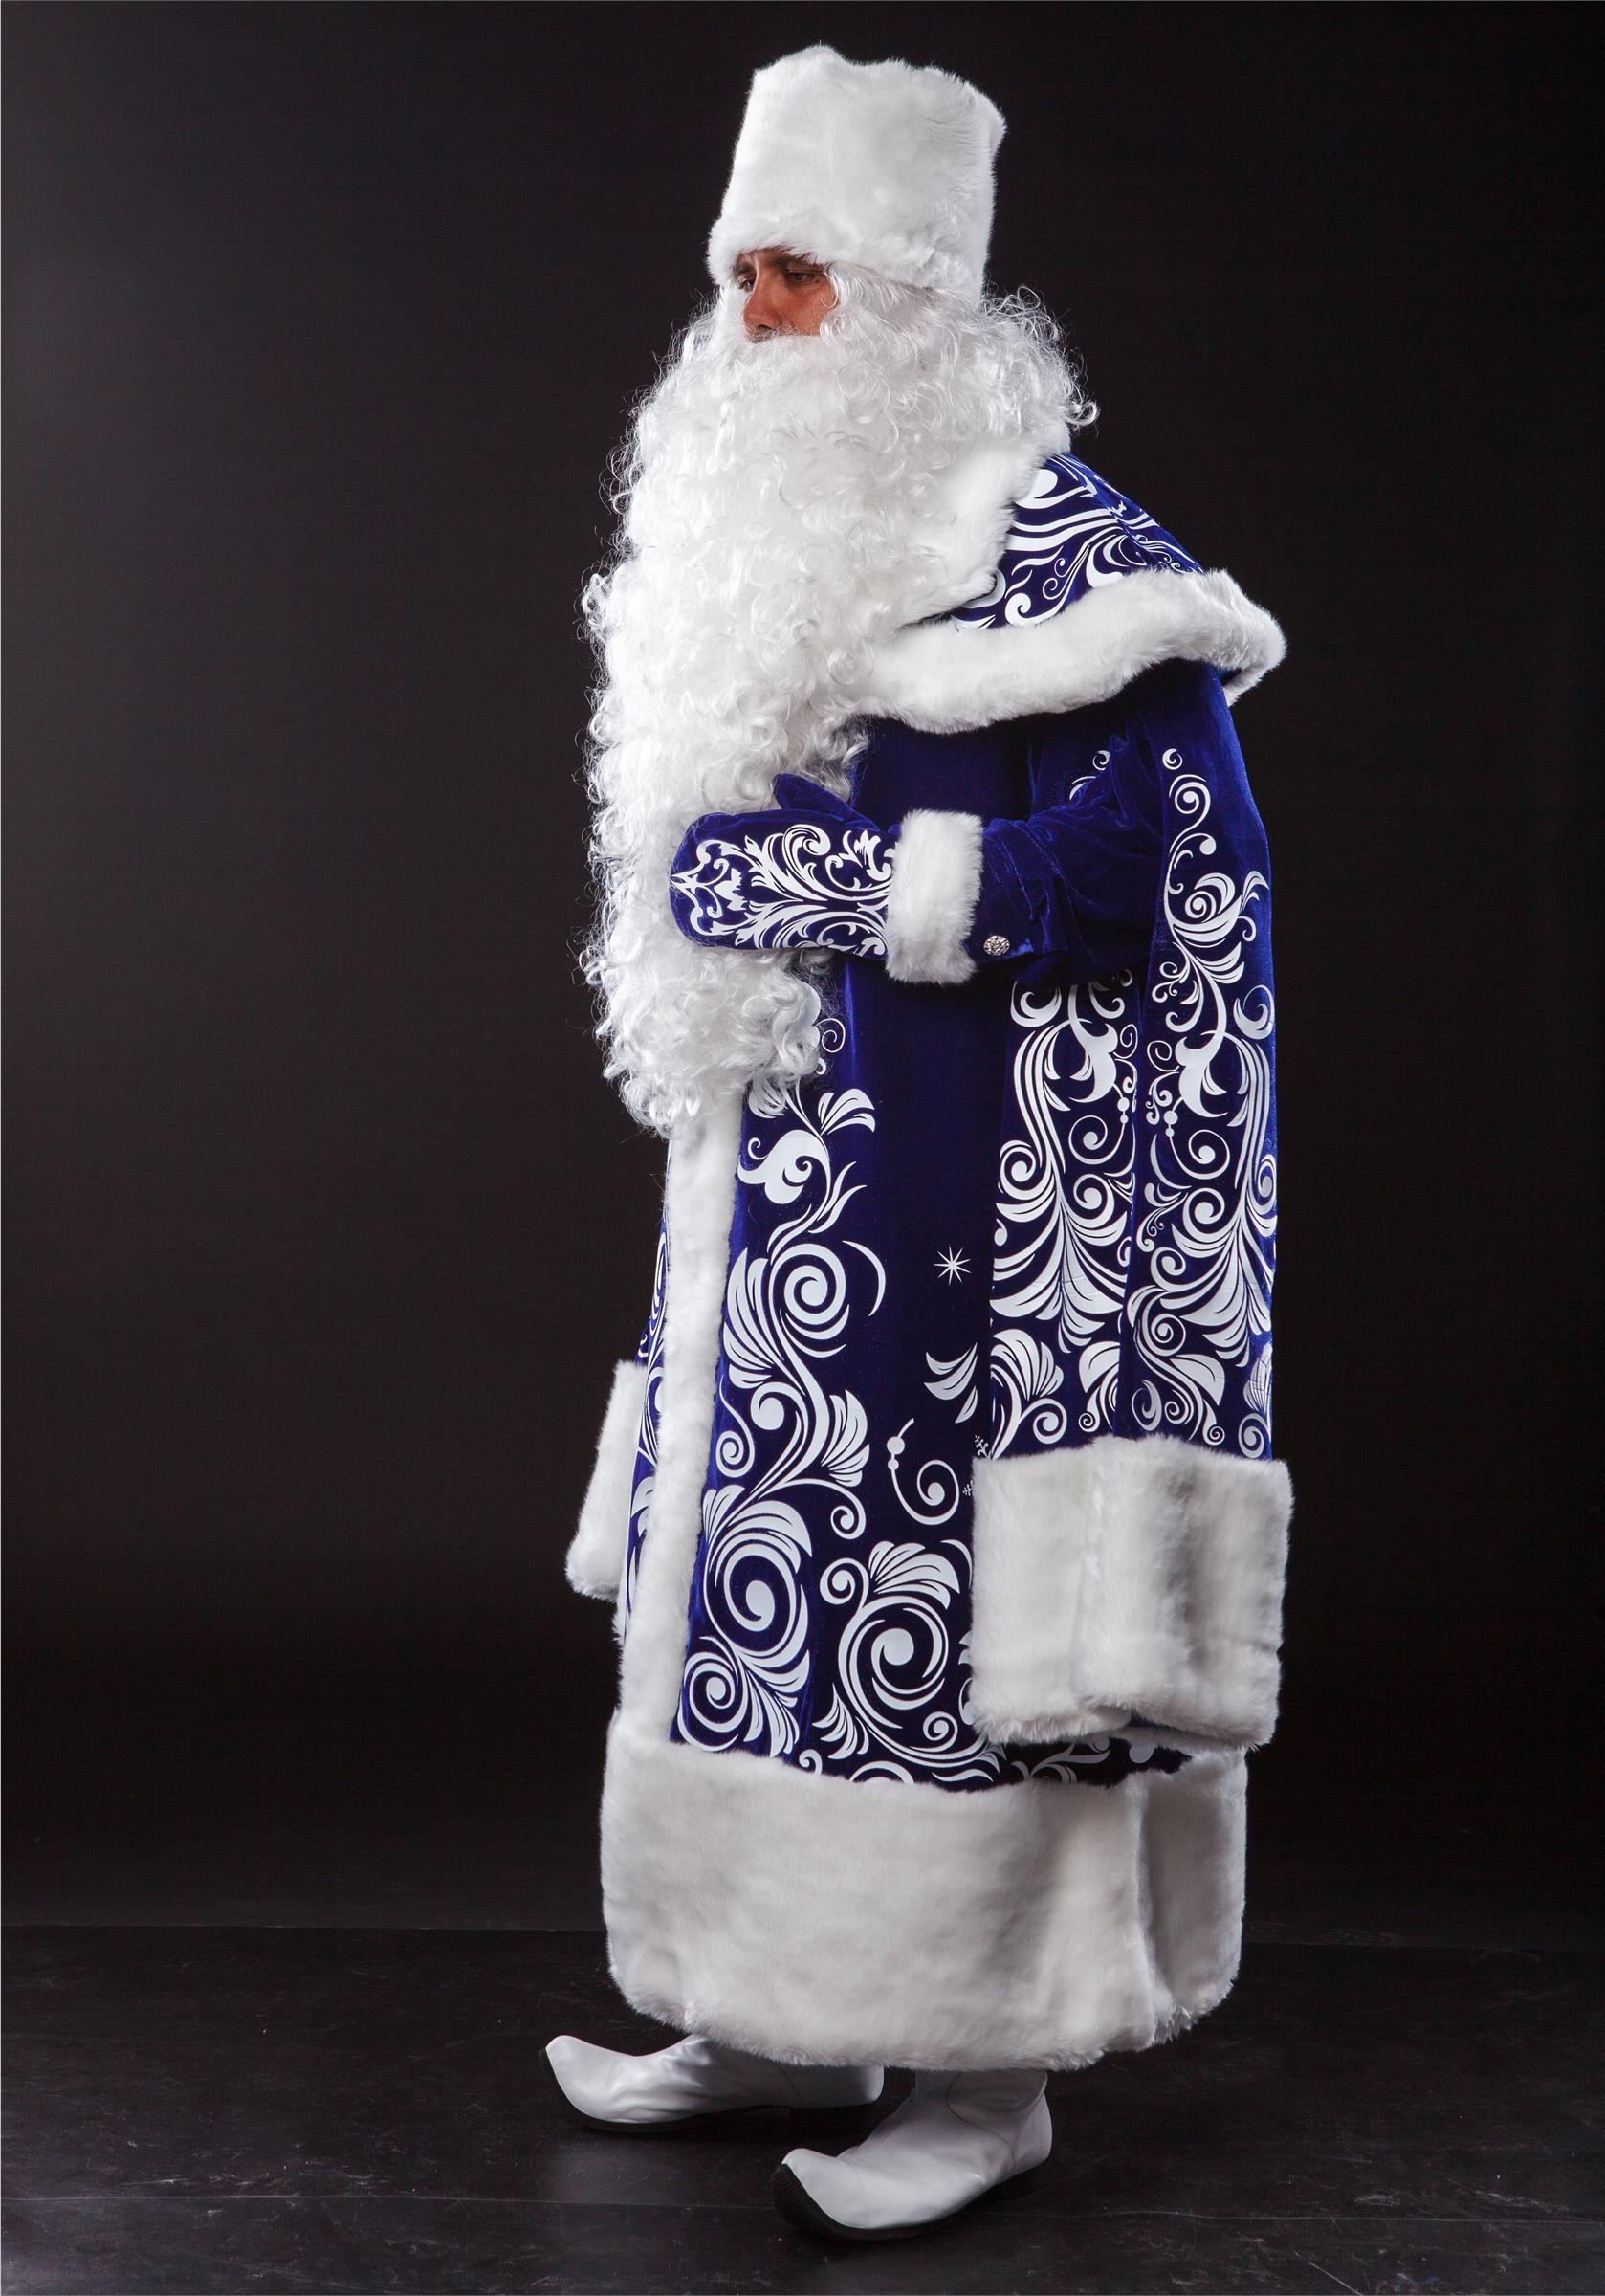 деда мороза картинка костюм